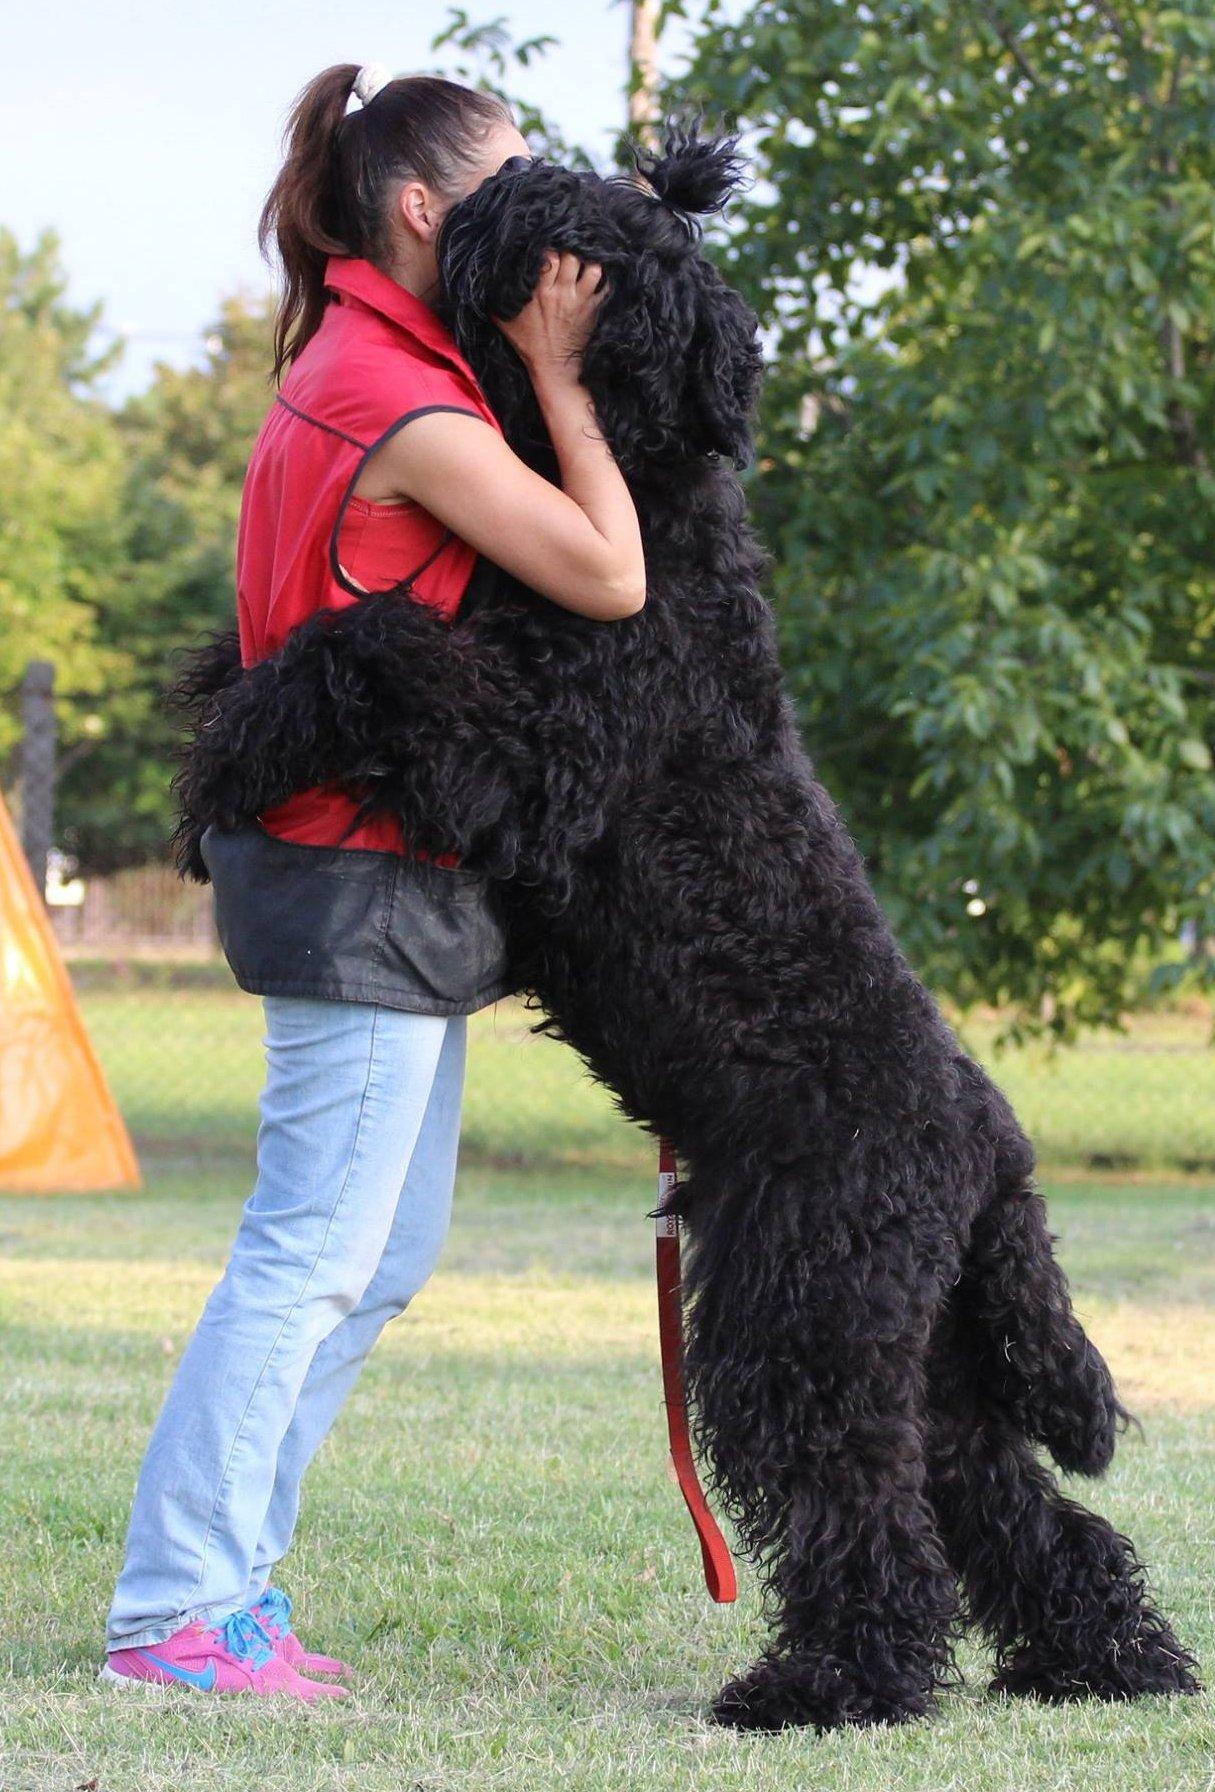 Orosz fekete terrier ölelgeti gazdáját